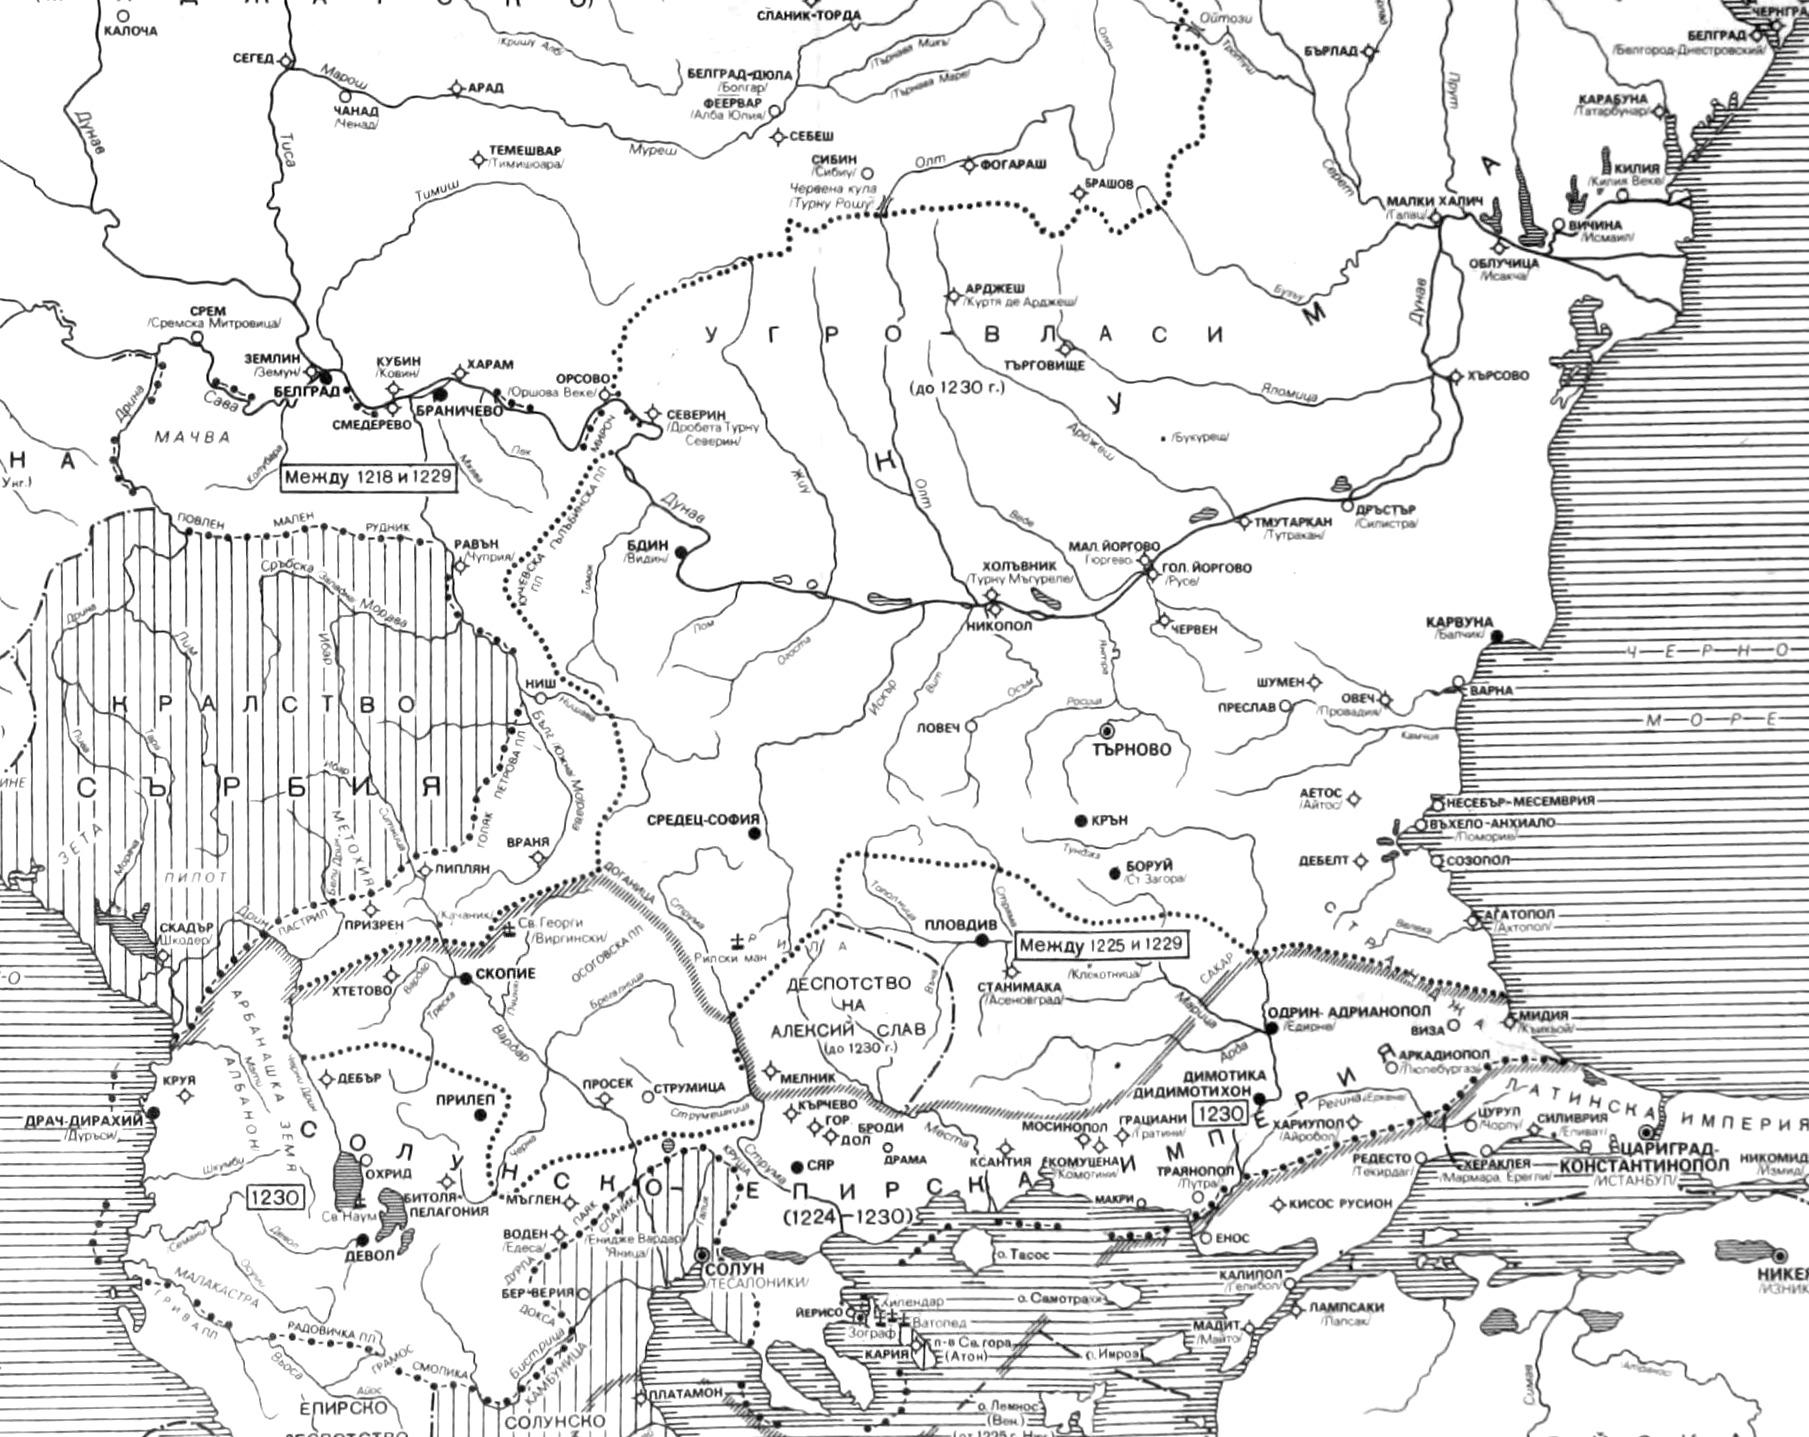 Карта на България при цар Иван Асен II /1218-1241/ (по П. Коледаров)